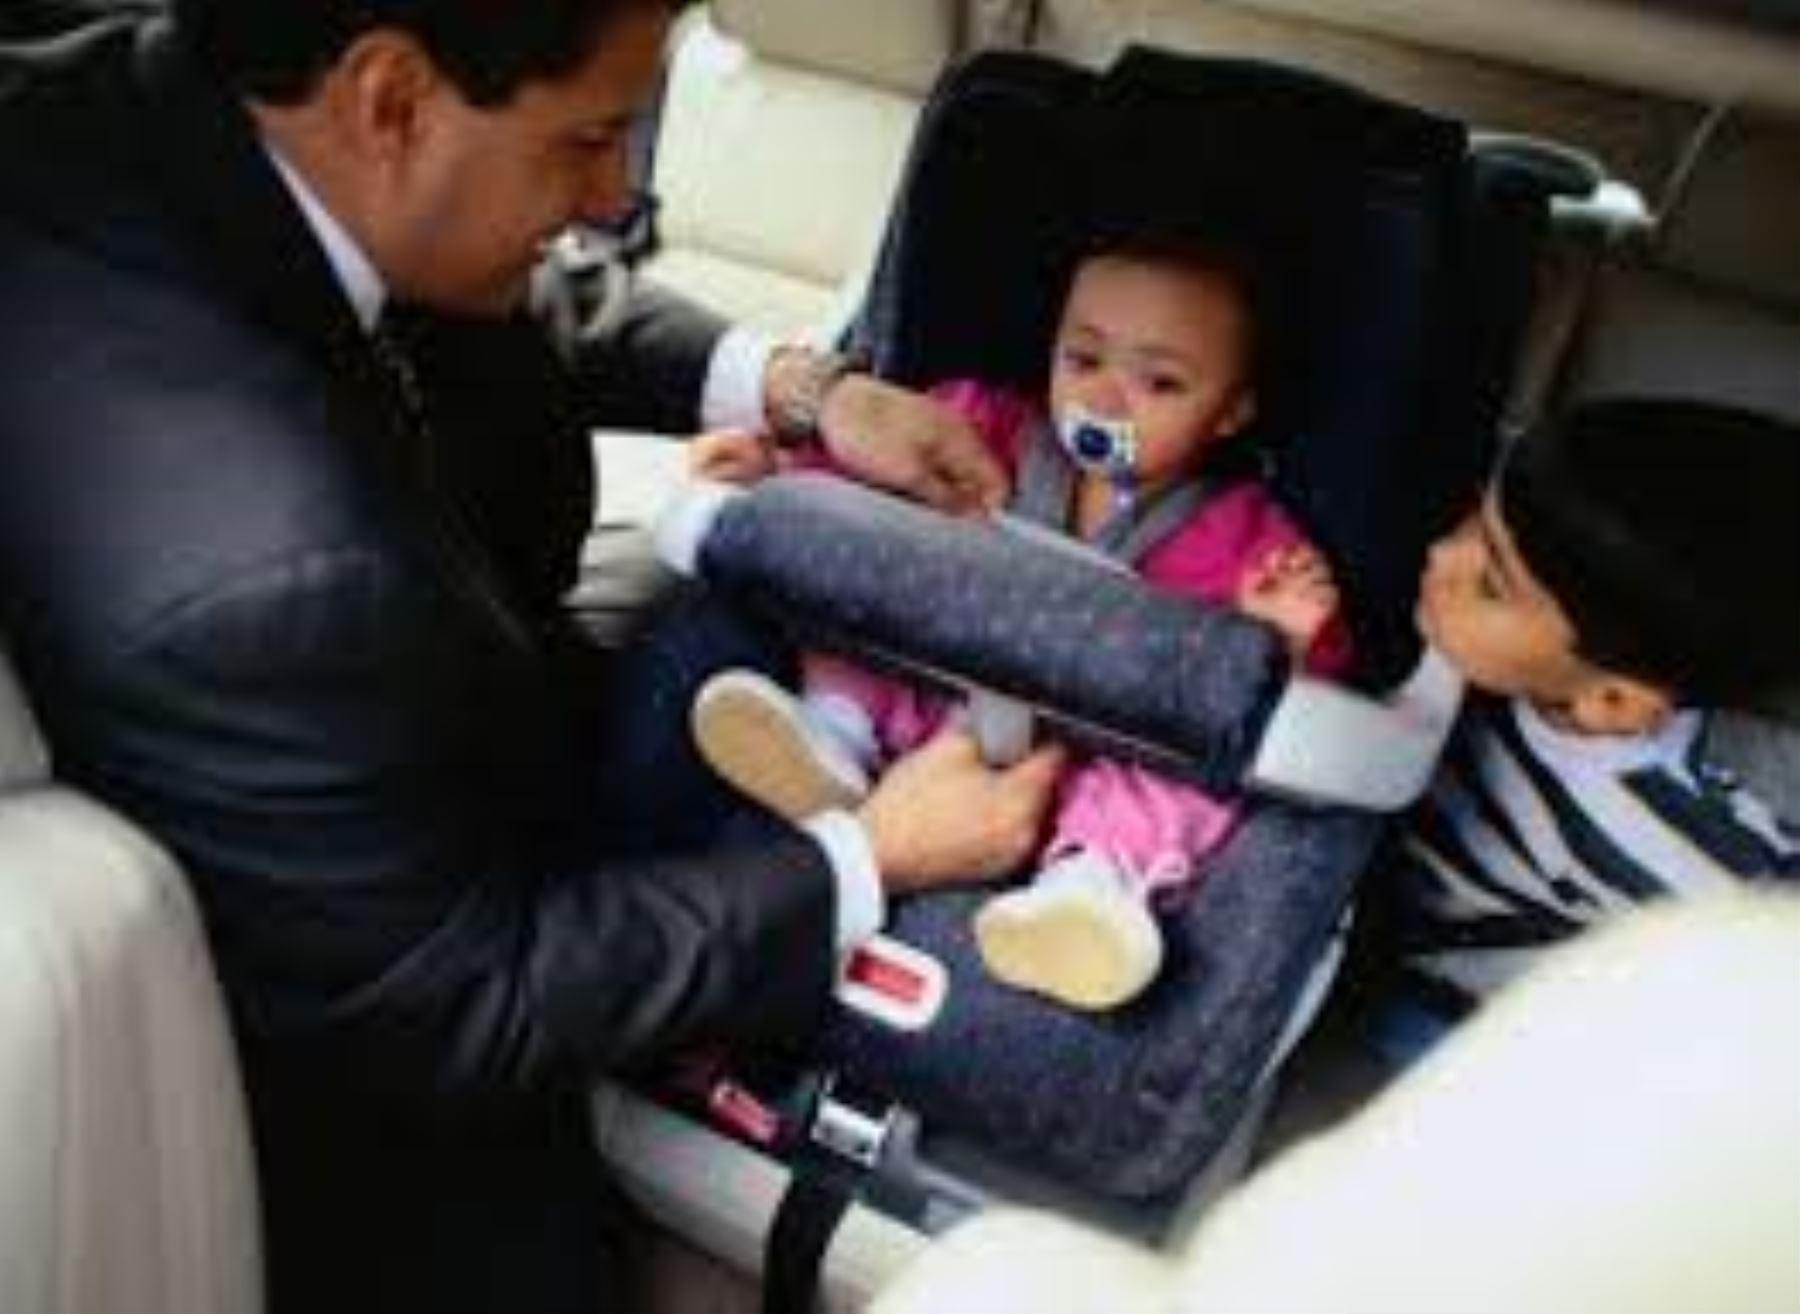 Proyecto De Ley Obliga Que Ni Os Y Beb S Usen Asientos